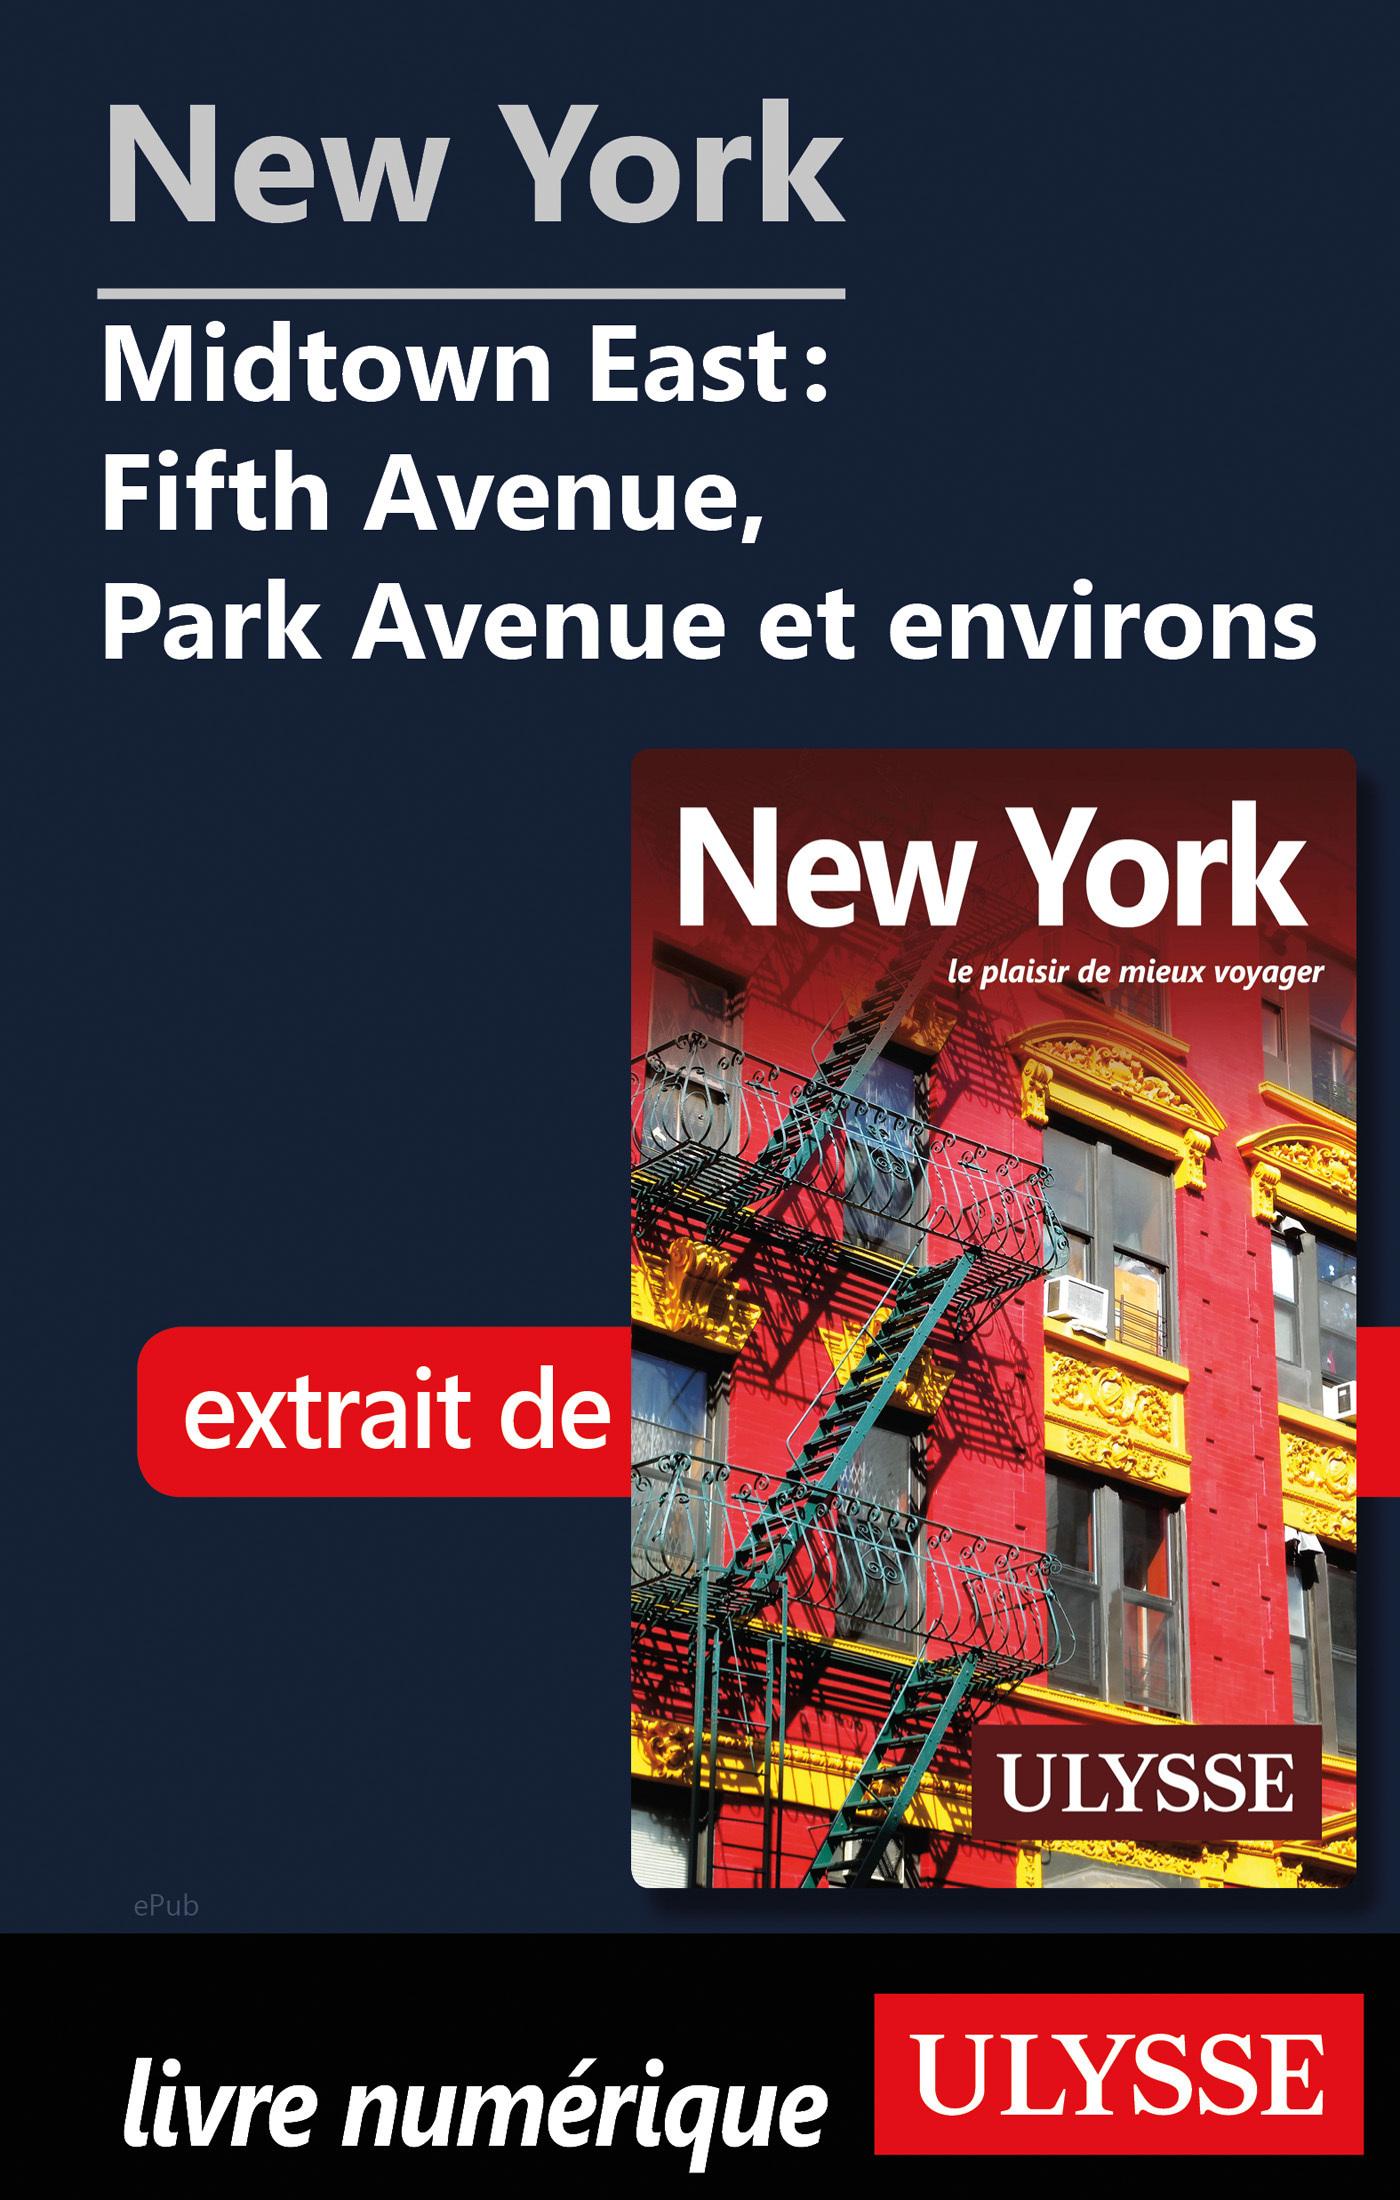 New York - Midtown East : Fifth Avenue, Park Avenue et environs